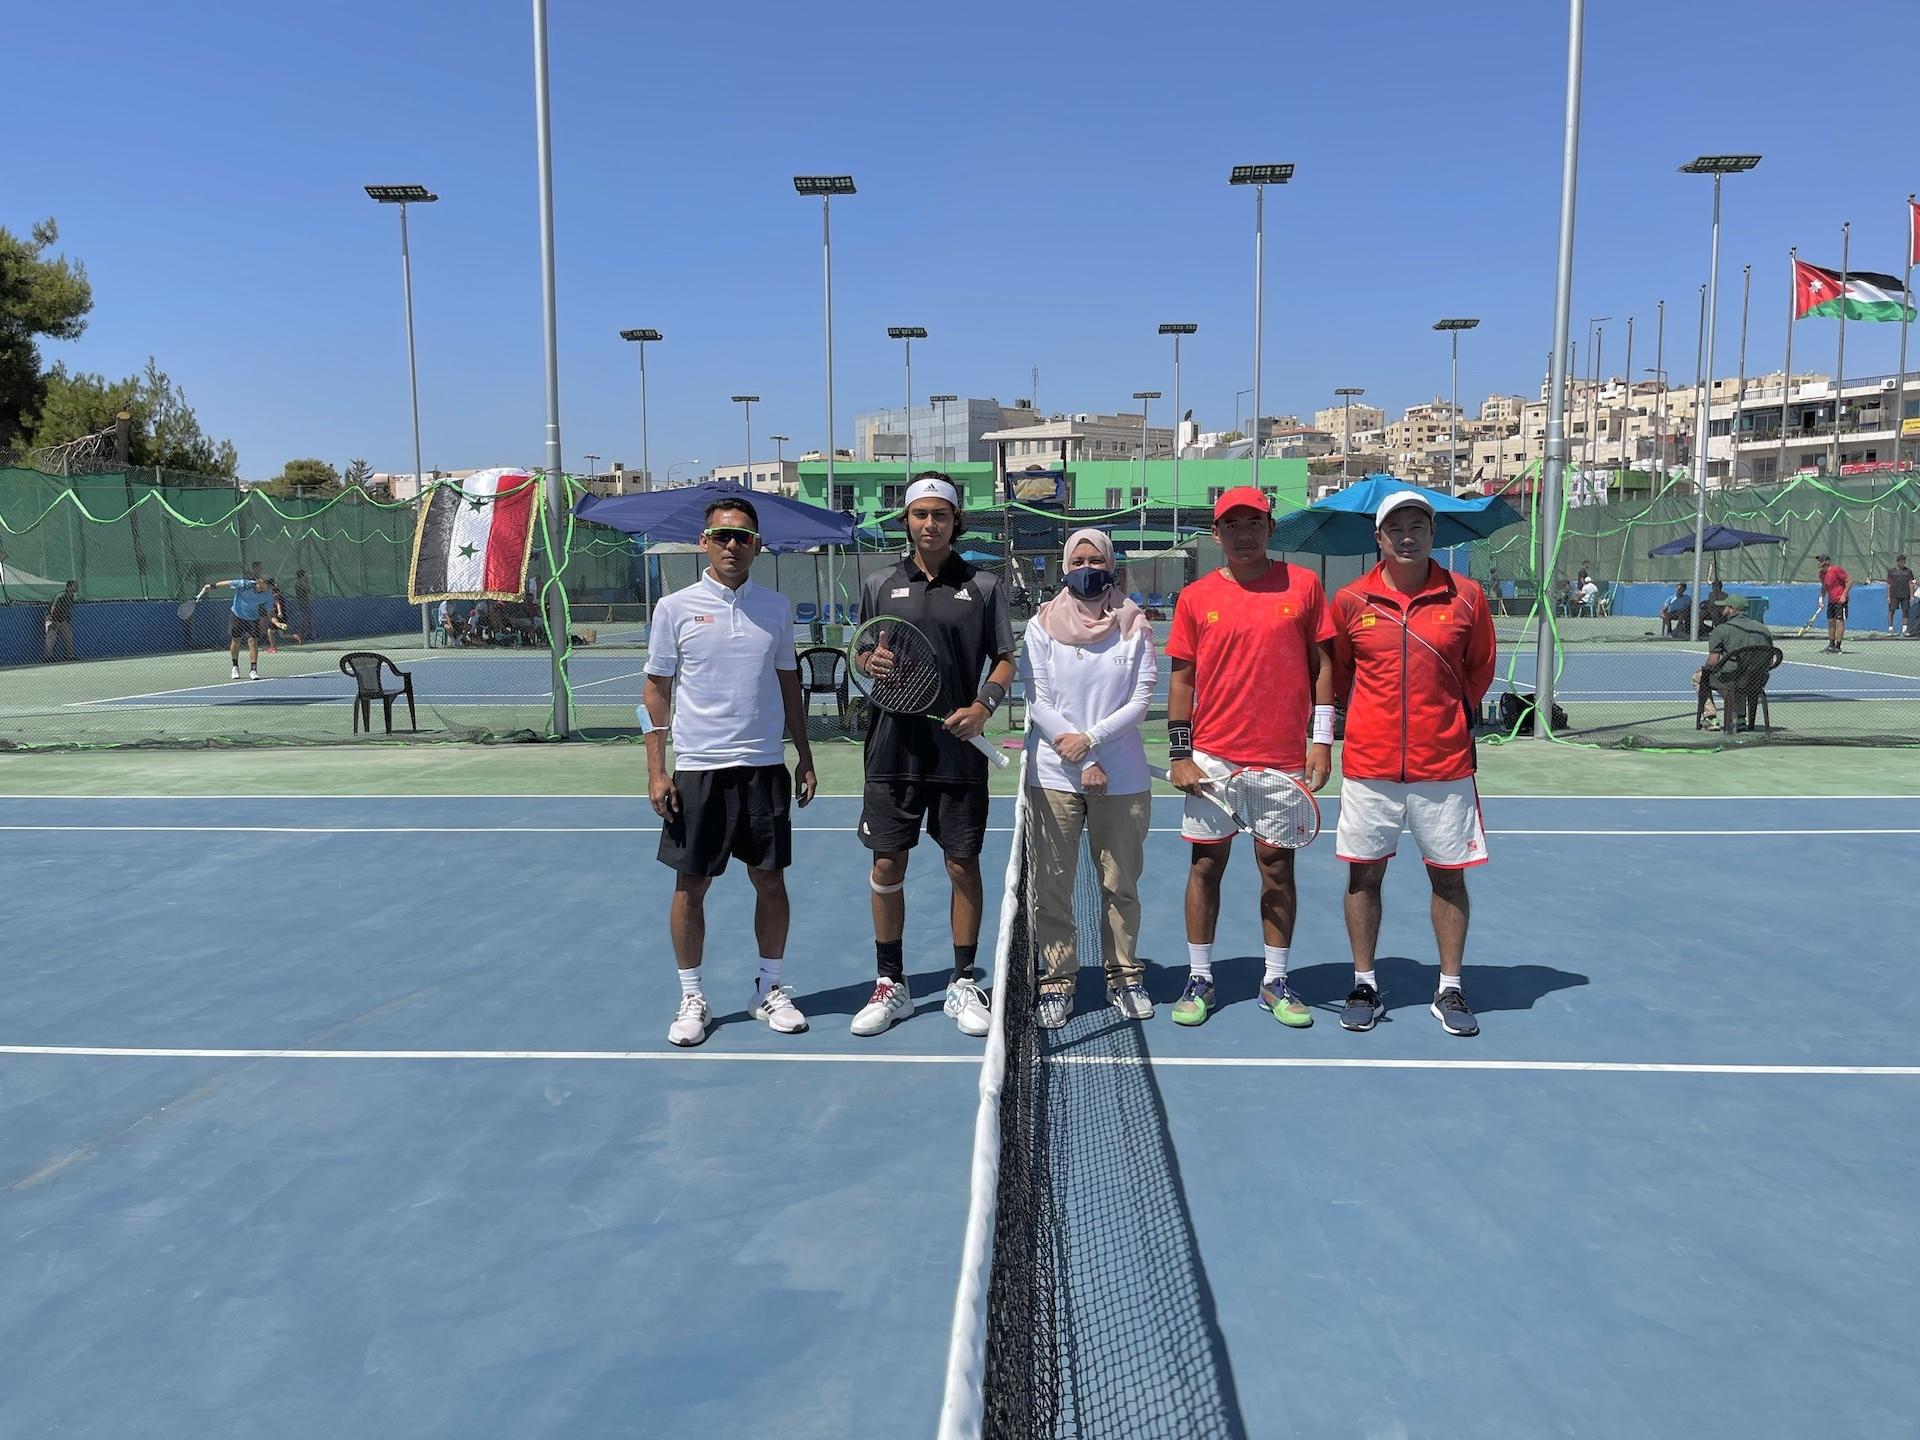 Hình ảnh: Tuyển Davis Cup Việt Nam giành vé play-off Davis Cup nhóm II với thành tích bất bại số 2